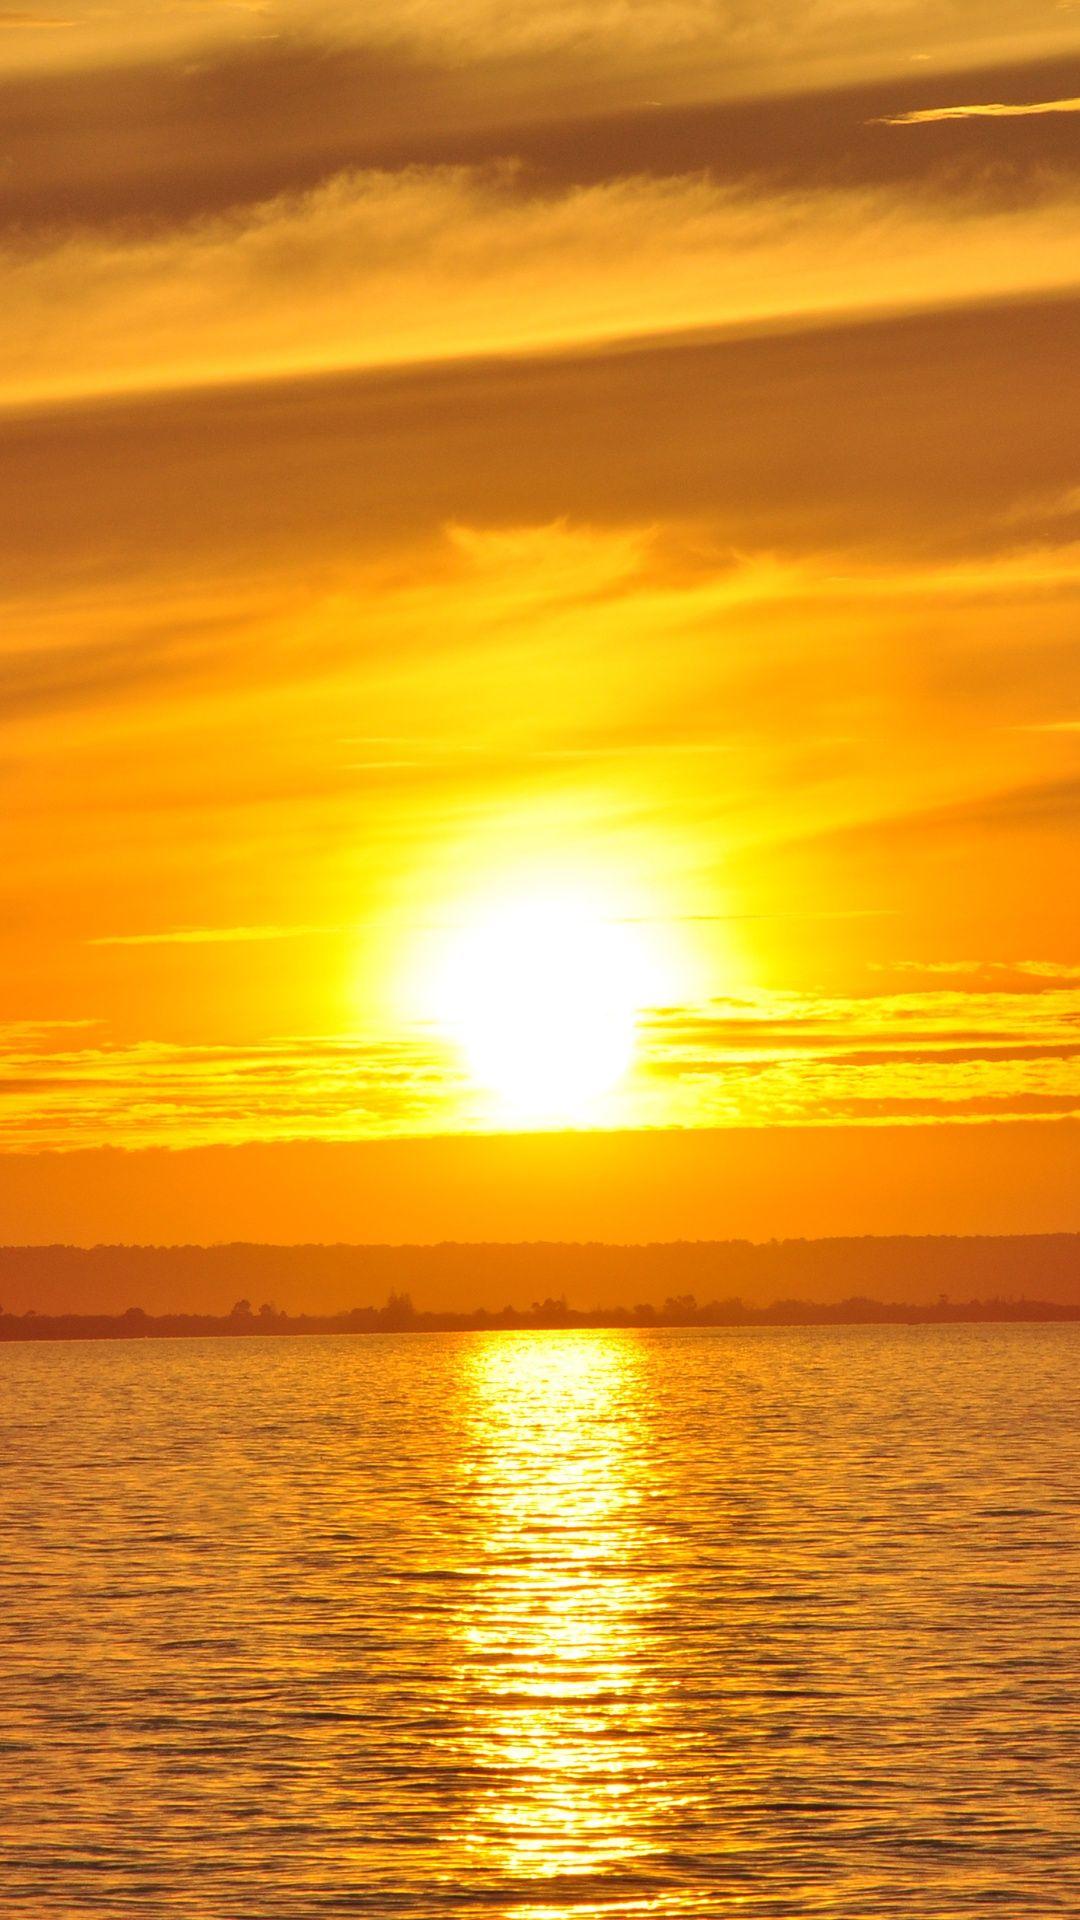 金色の海 ゴールドiphone6s壁紙 Iphone6s 6plus壁紙 待受画像ギャラリー 風景 美しい風景写真 金色 壁紙